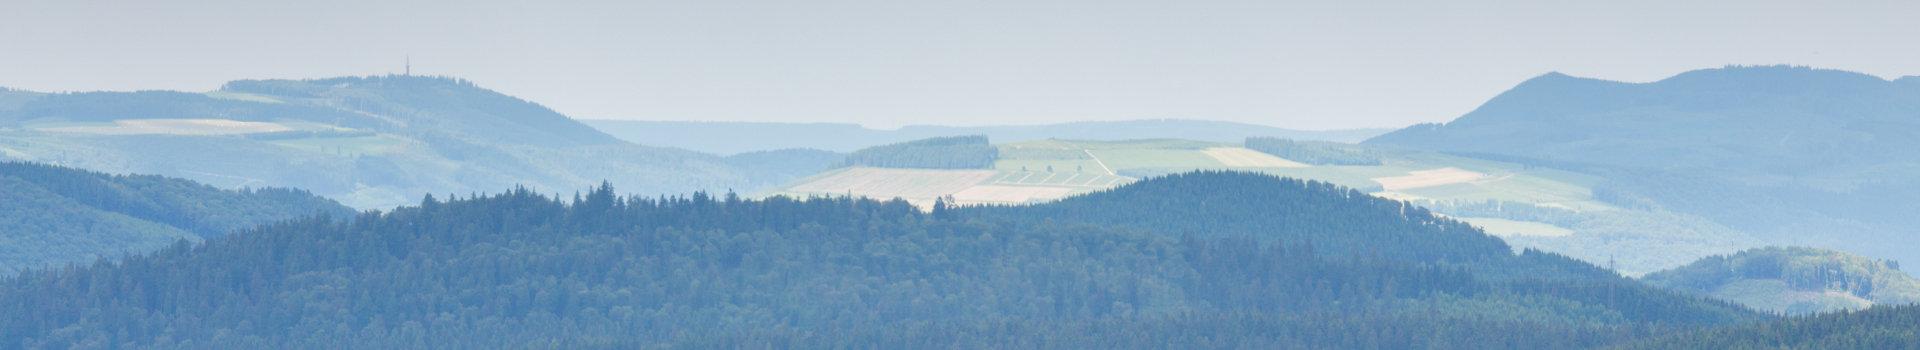 Landschaft mit Hügeln, Wald und Feldern